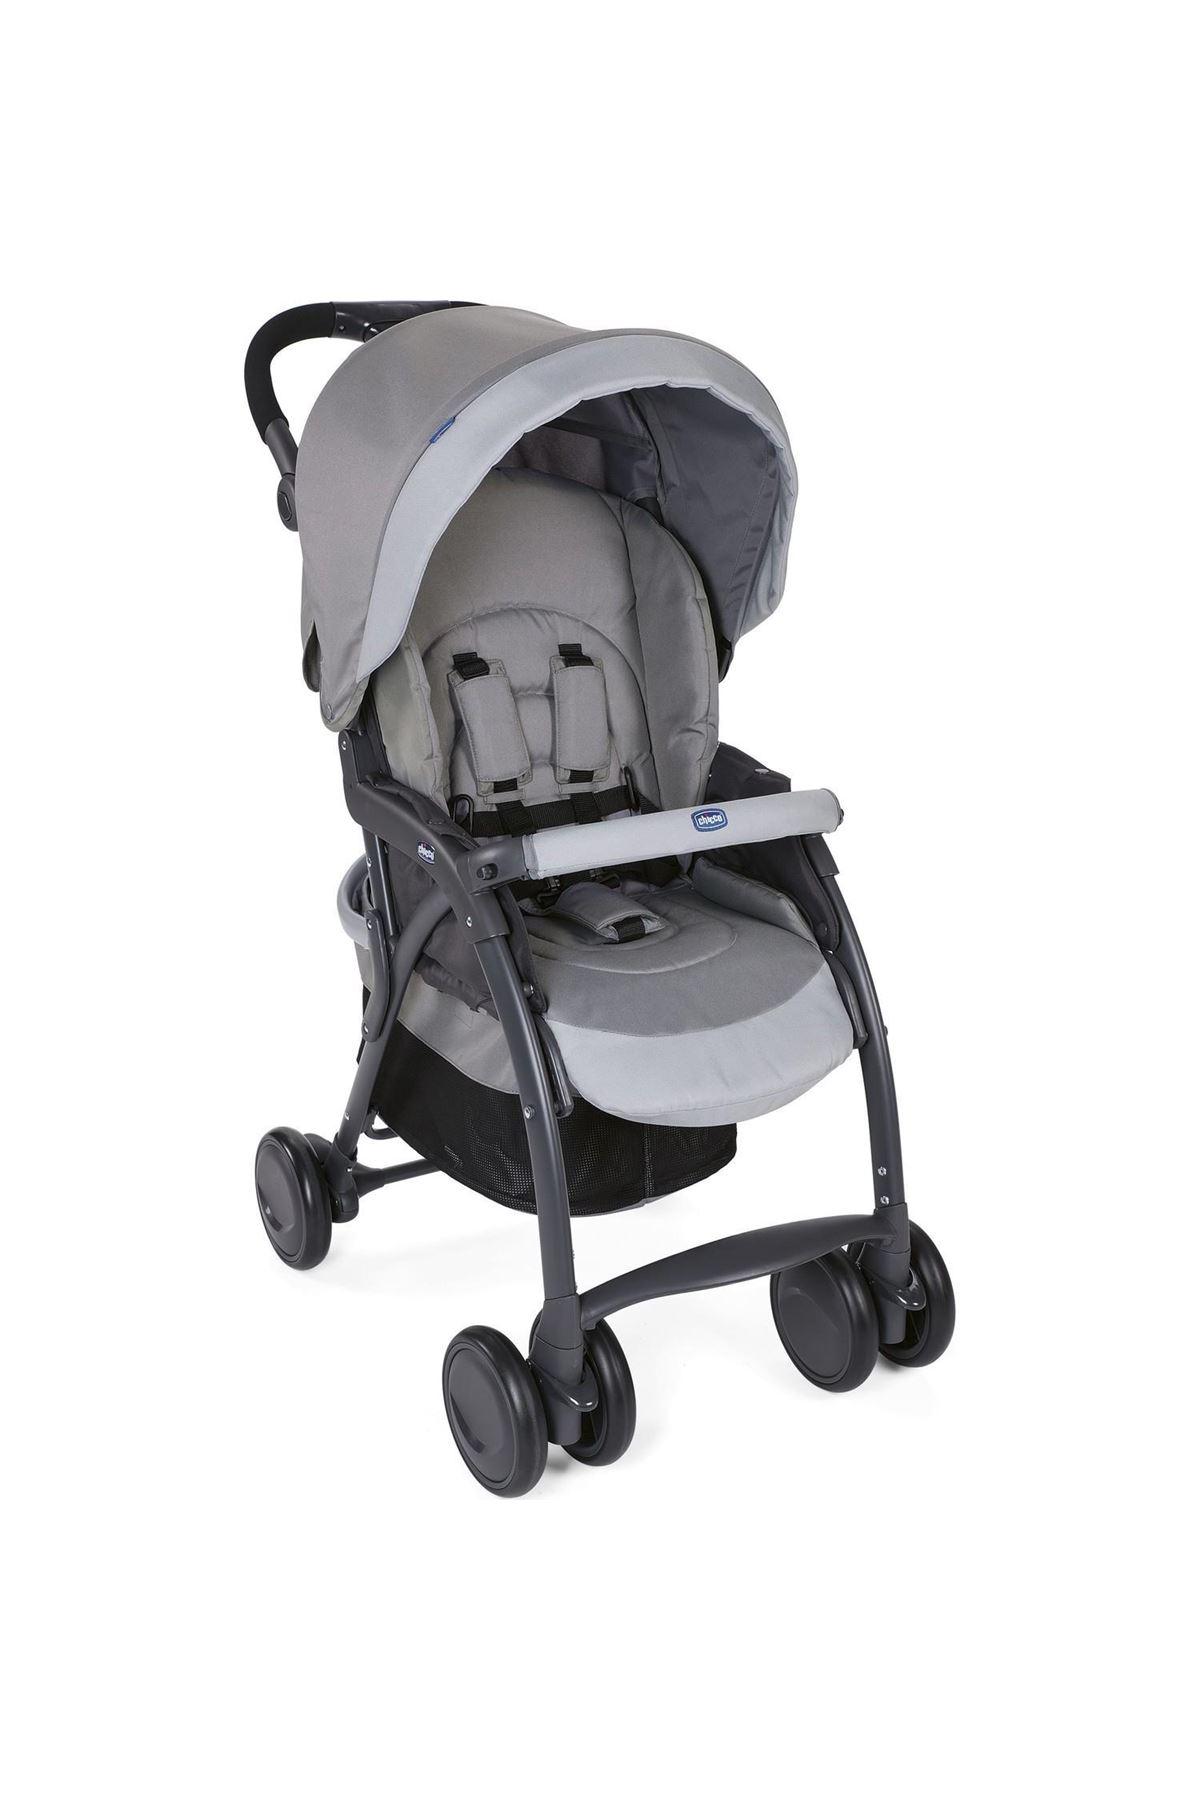 Chicco Simplicity Plus Top Bebek Arabası Grey